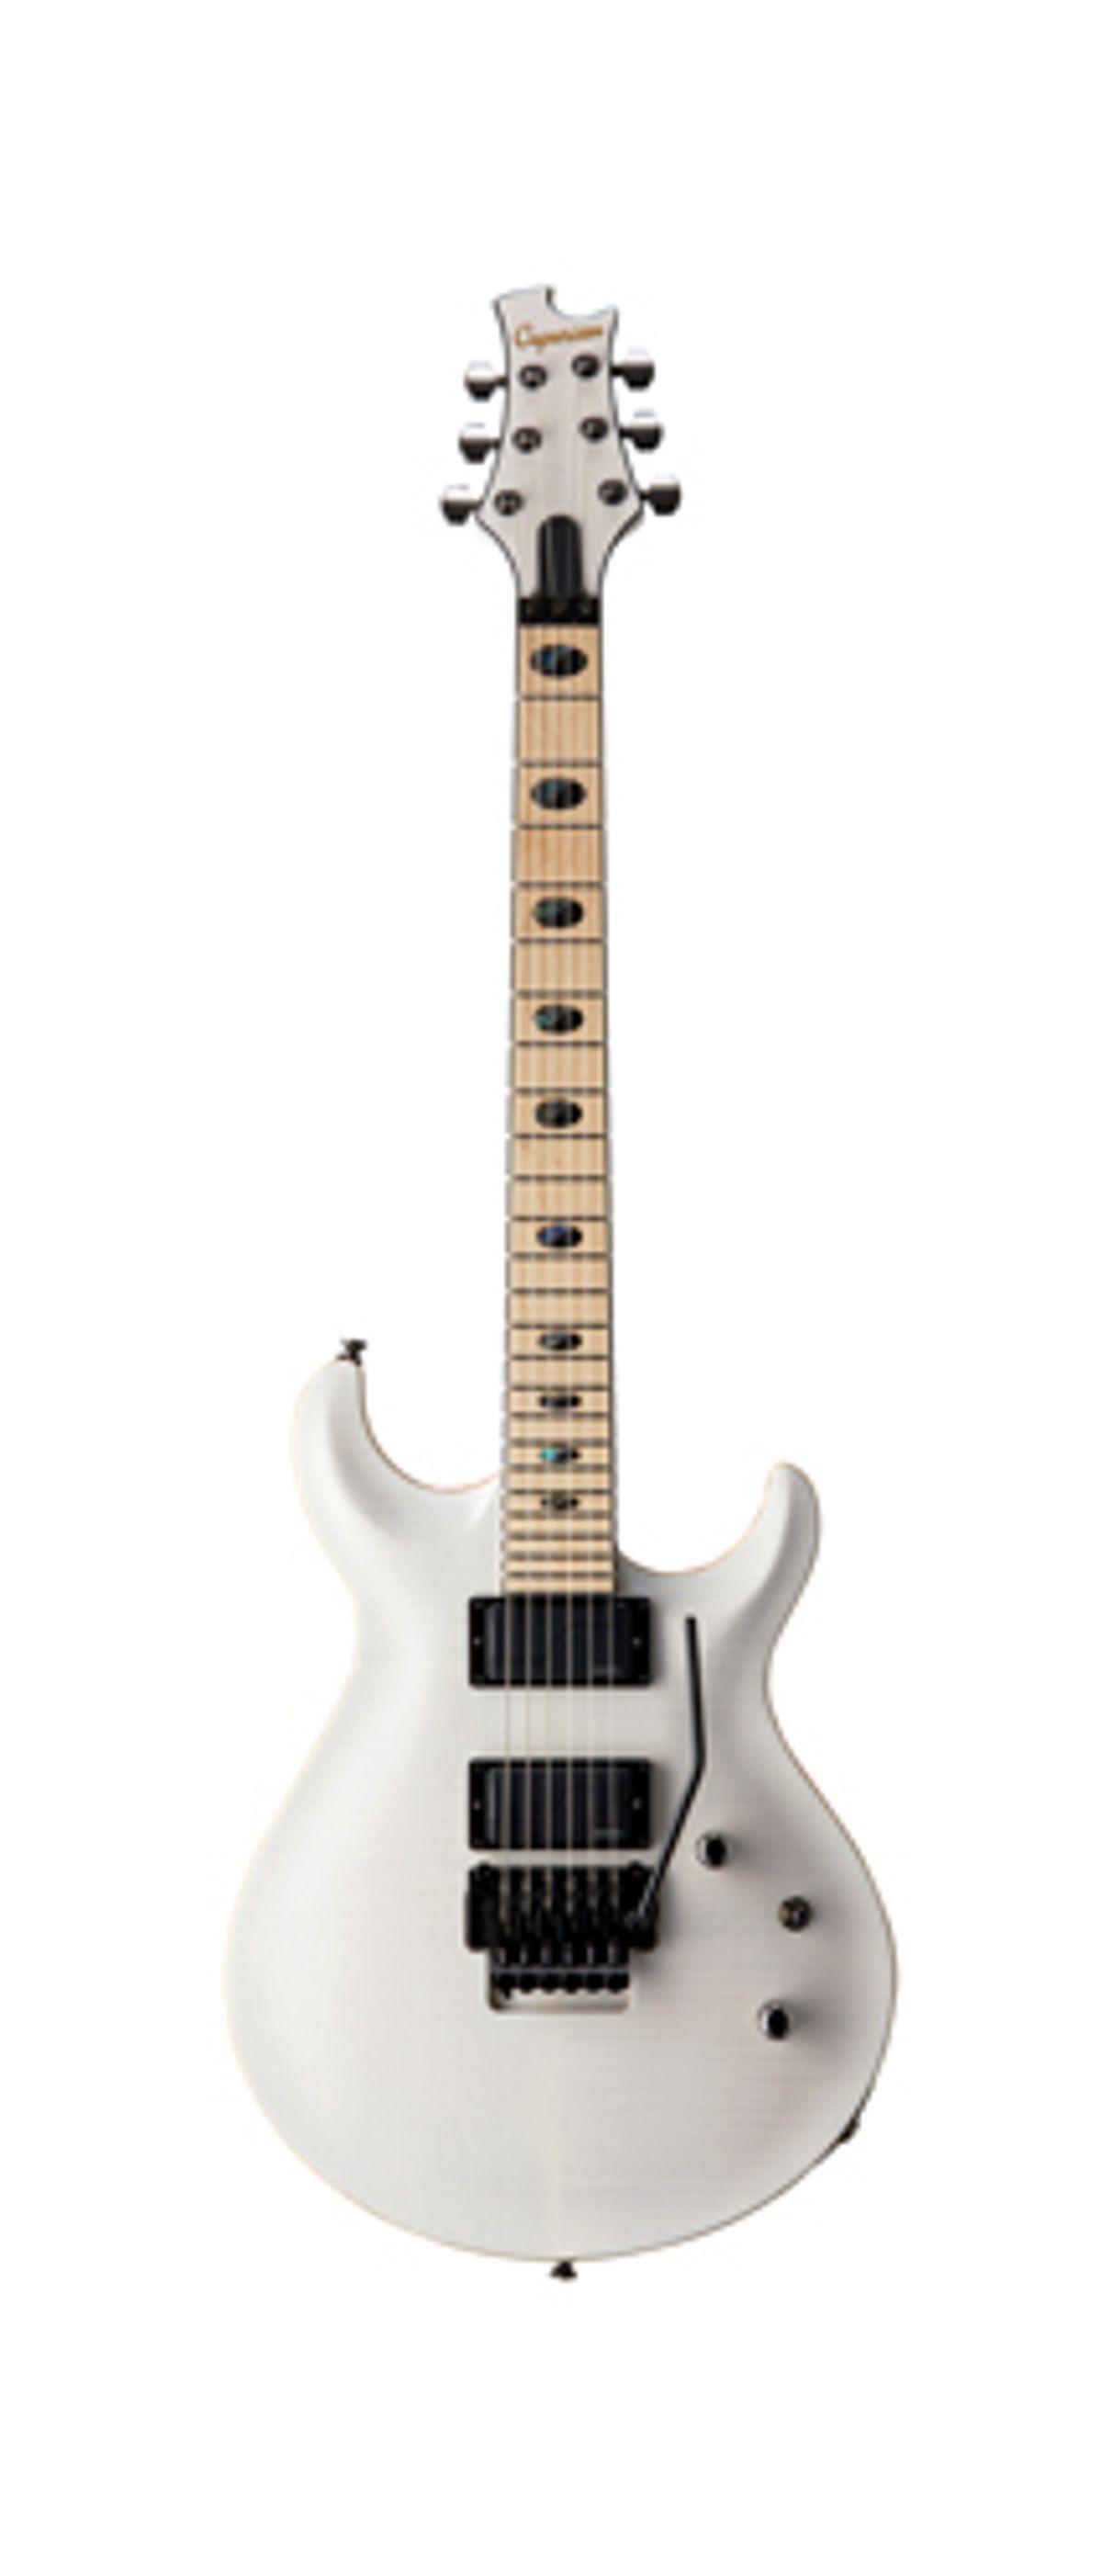 Caparison Guitars Unveils the Nick Hipa Signature Model